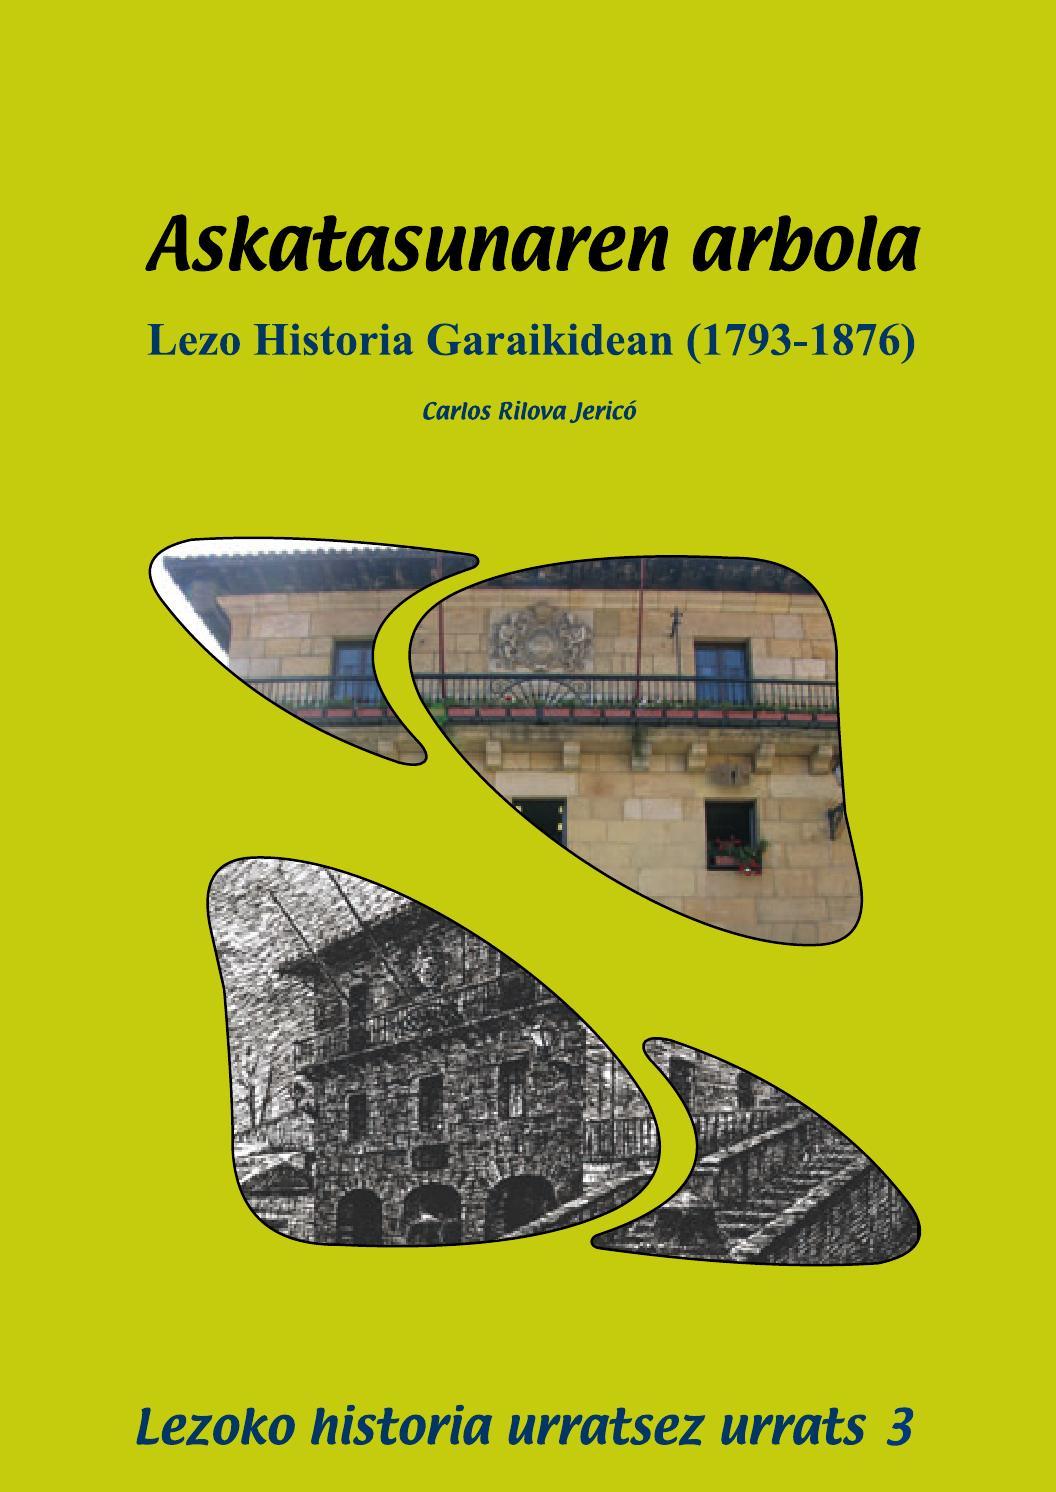 Muebles Oiarbide - Askatasunaren Arbola Lezo Historia Garaikidean 1793 1876 Lezoko [mjhdah]http://gureeskudagoleioa.org/wp-content/uploads/2017/04/kartela_ok.jpg